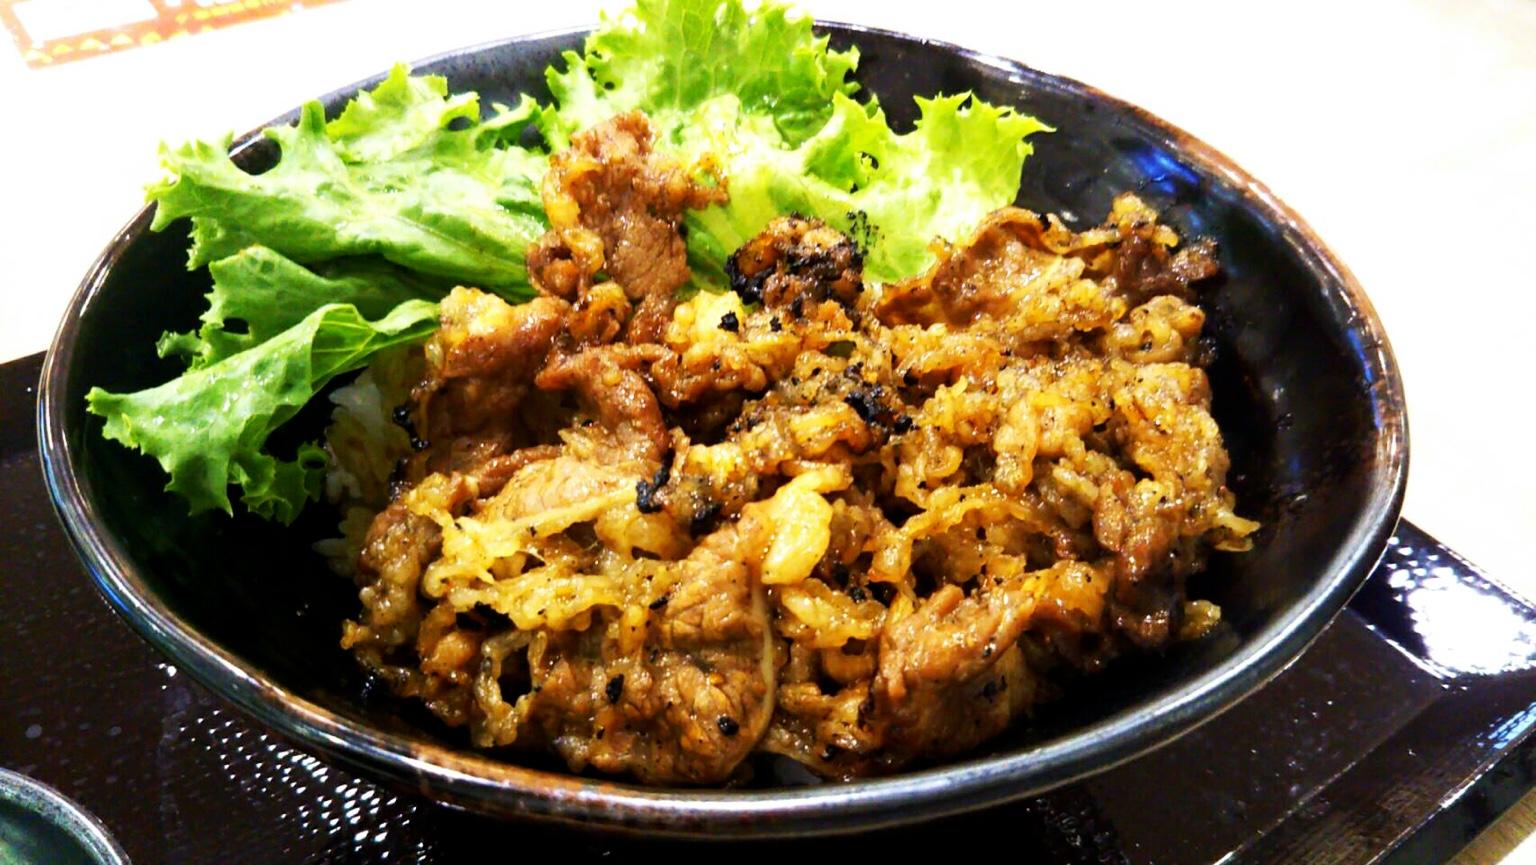 「肉のヤマキ商店」のカルビ焼肉丼!盛岡イオンモール南のフードコートにて